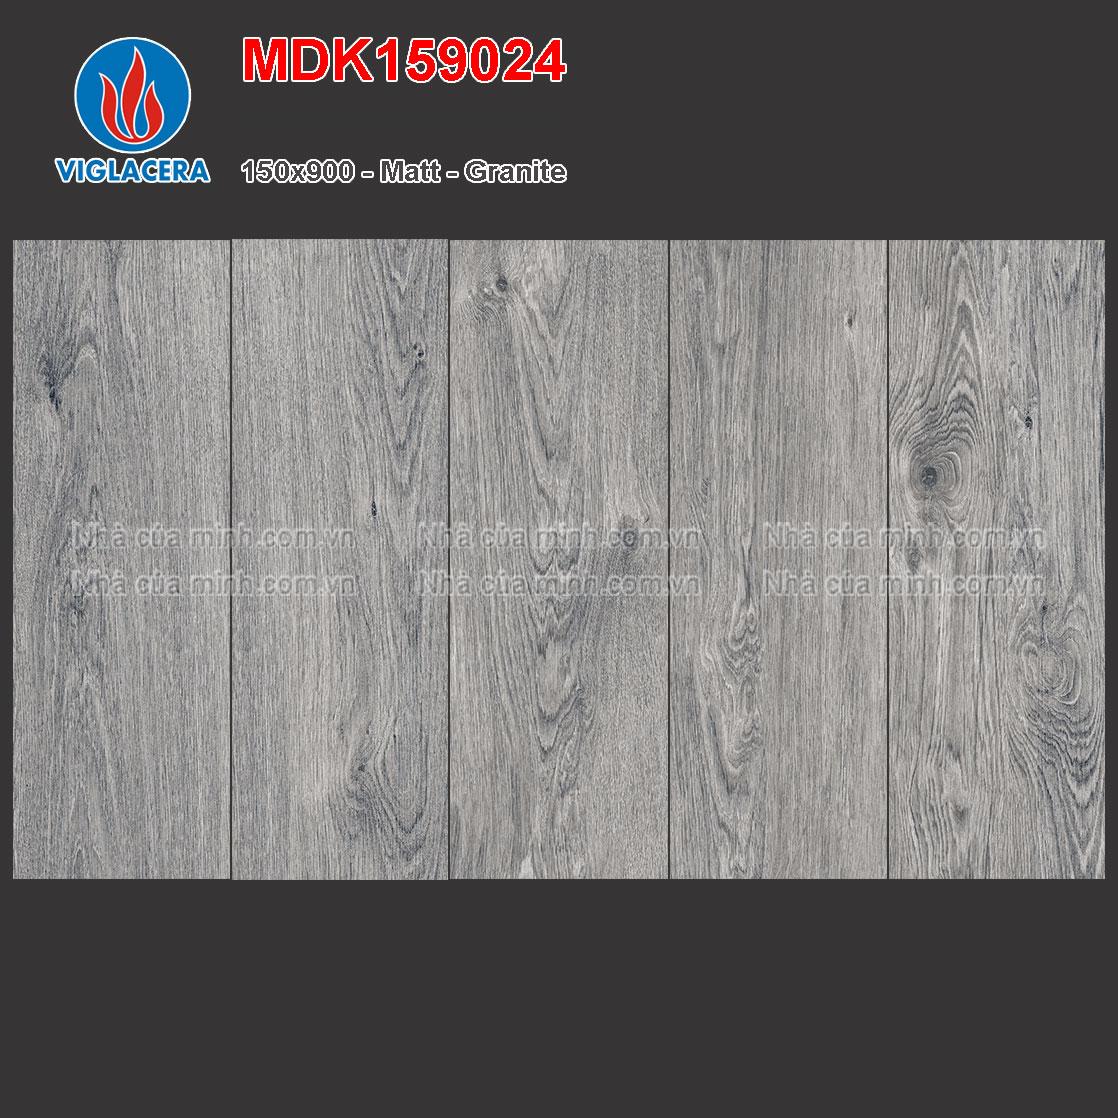 Gạch lát nền 150x900 Viglacera MDK159024 giá rẻ